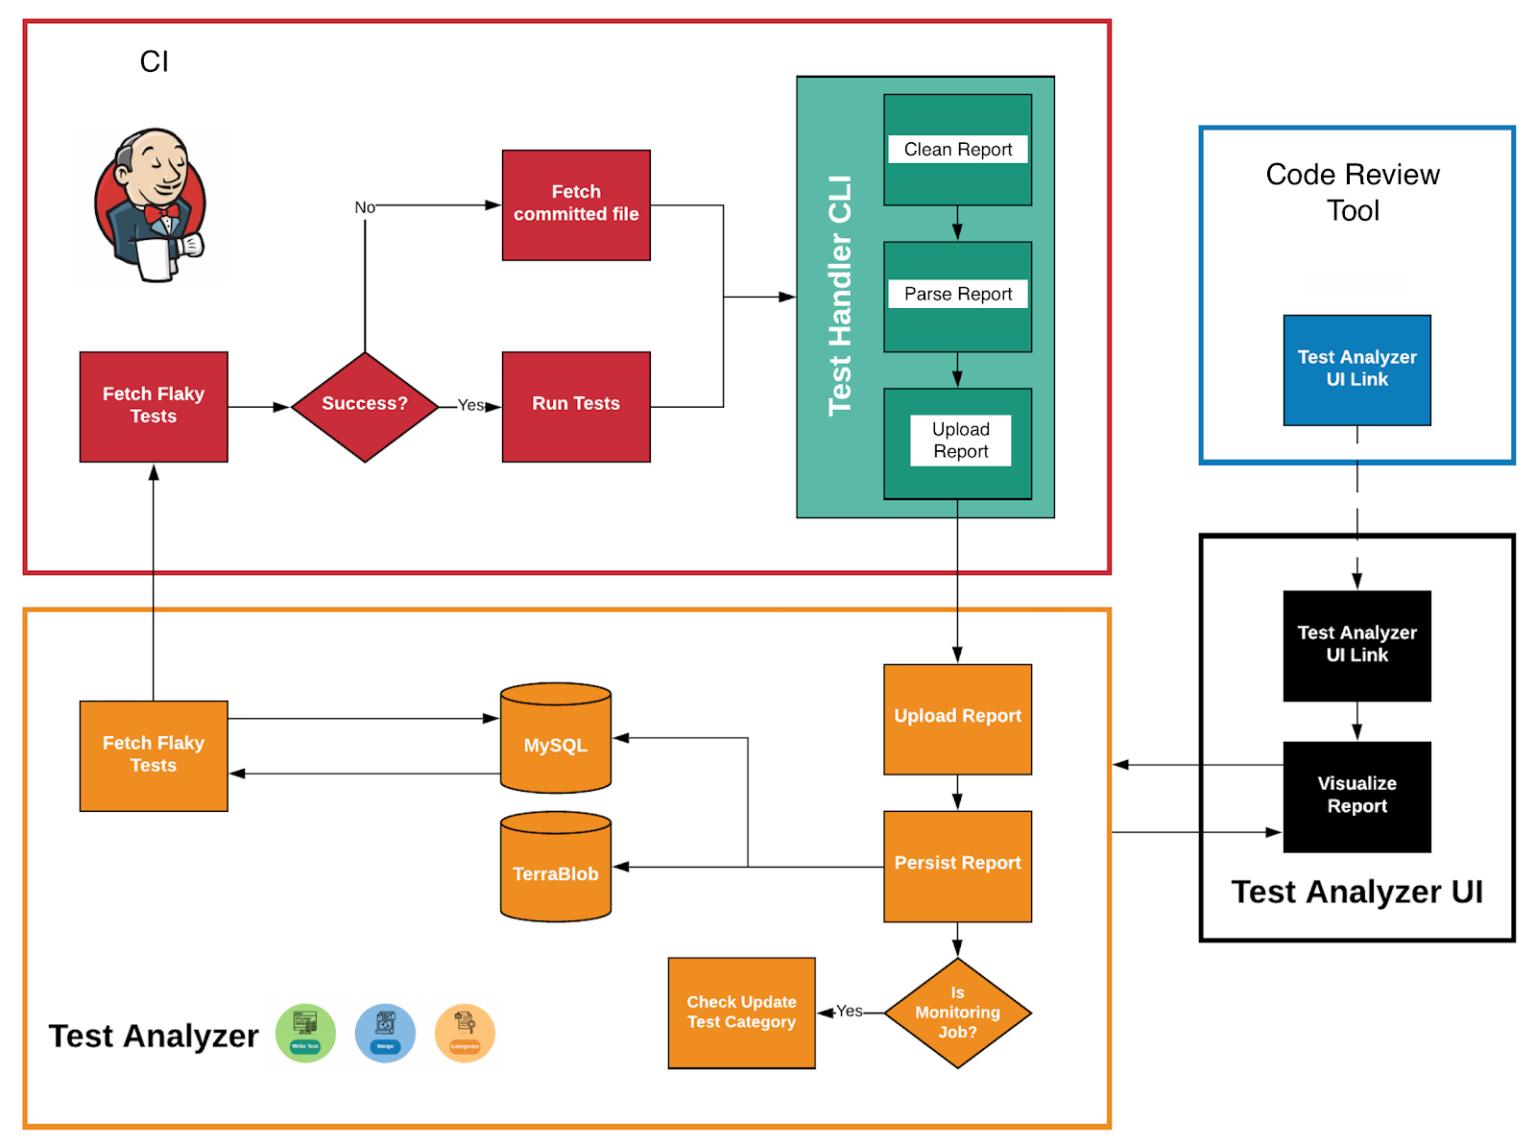 CI-система прогоняет тесты и отдает результаты в TAS через Test Handler CLI, которые хранятся в базе данных и хранилище. TAS, в свою очередь по API отдает данные для визуализации и анализа в Test Analyzer UI, который интегрируется с инструментом для код ревью.